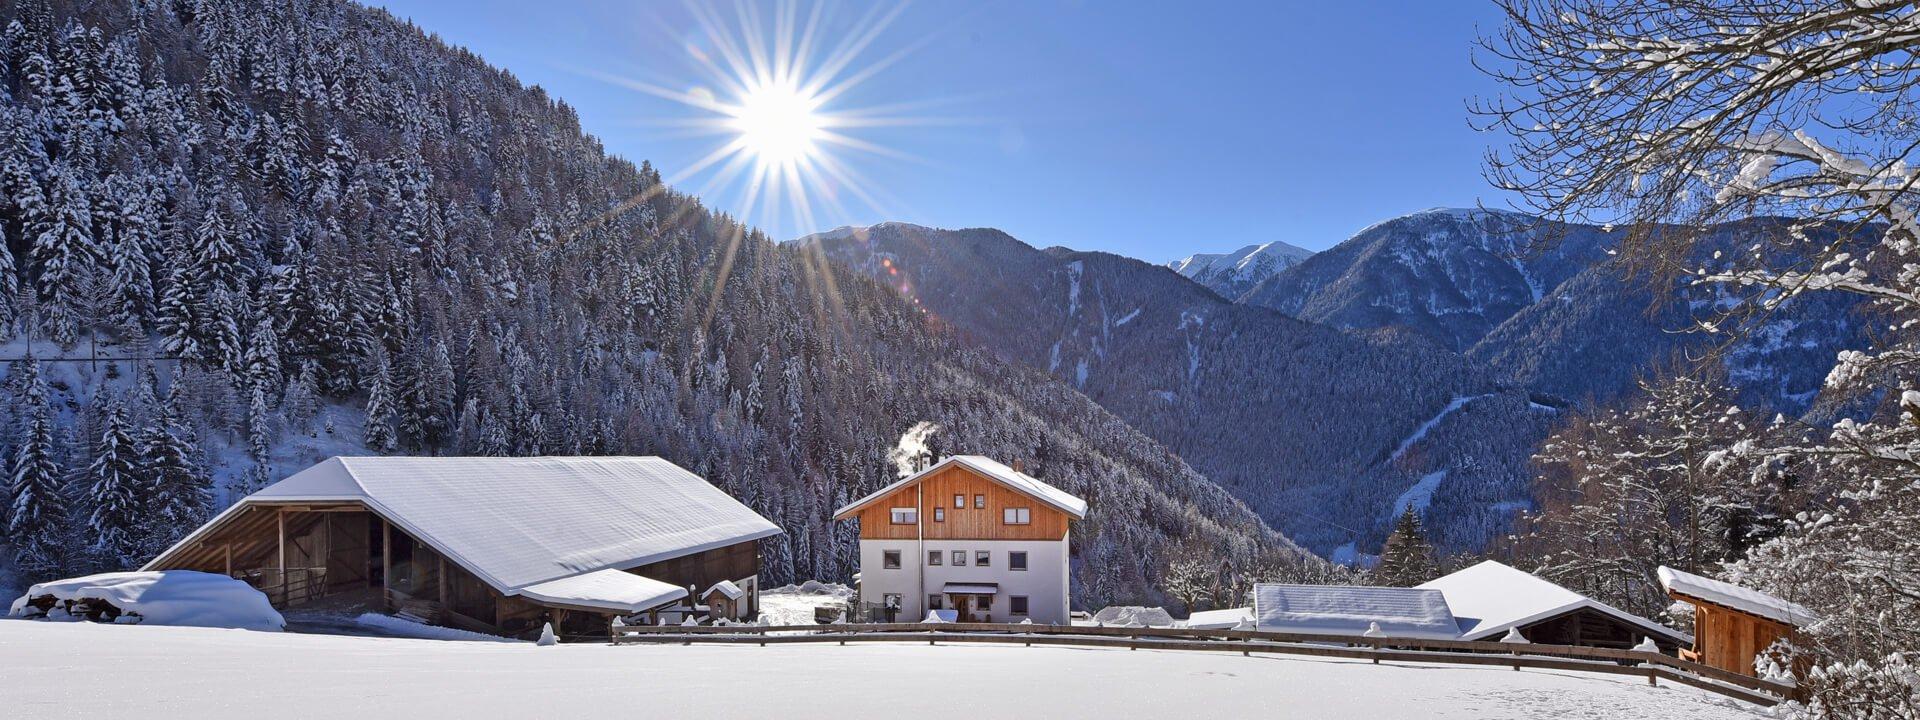 winterurlaub-auf-dem-bauernhof-suedtirol-03